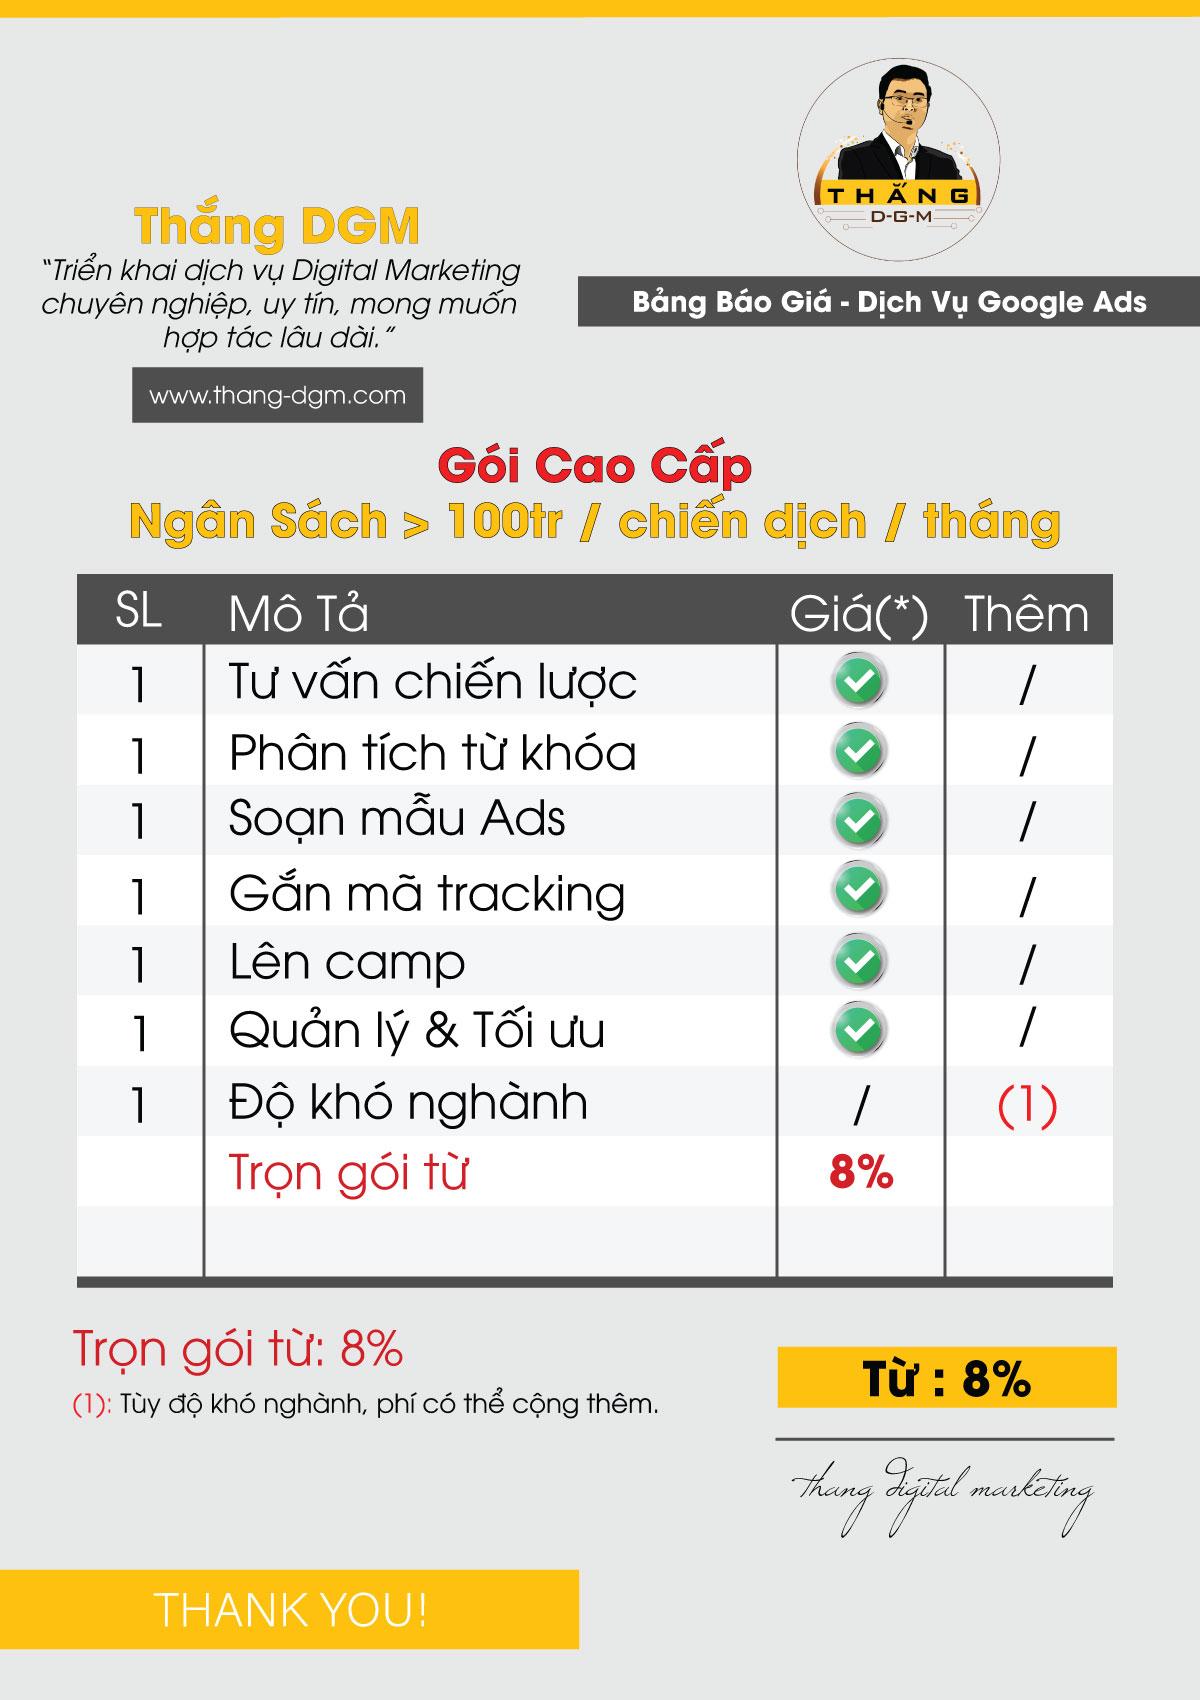 Bảng giá dịch vụ google ads, gói cao cấp